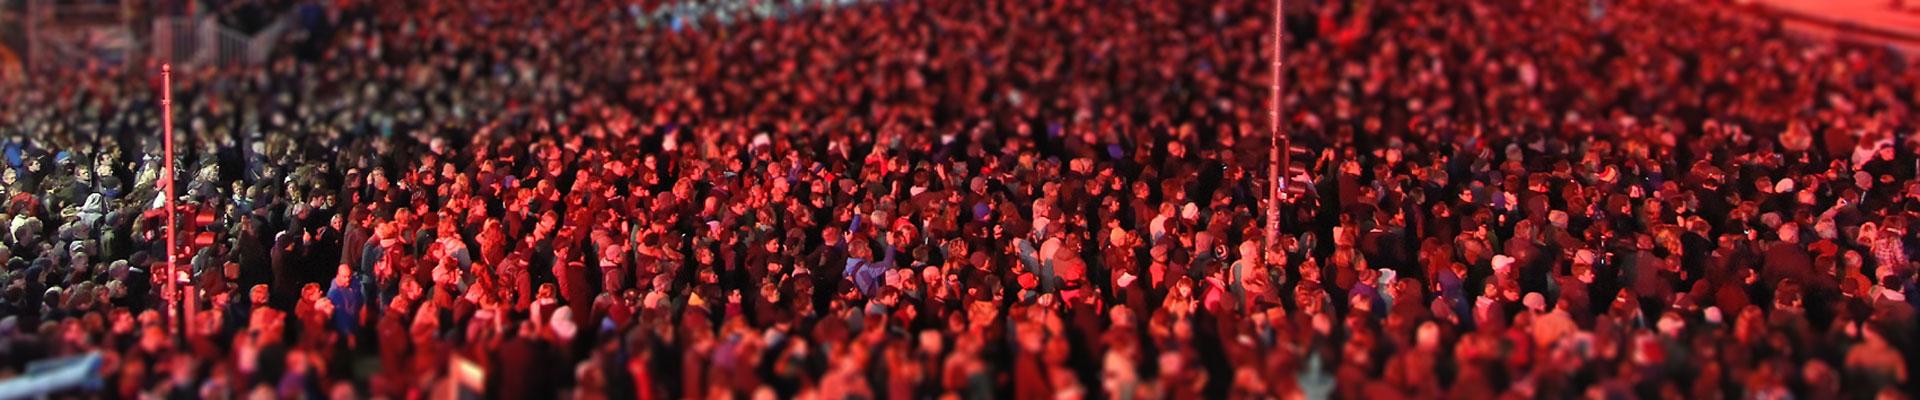 Menschenmenge bei einer Grossveranstaltung.